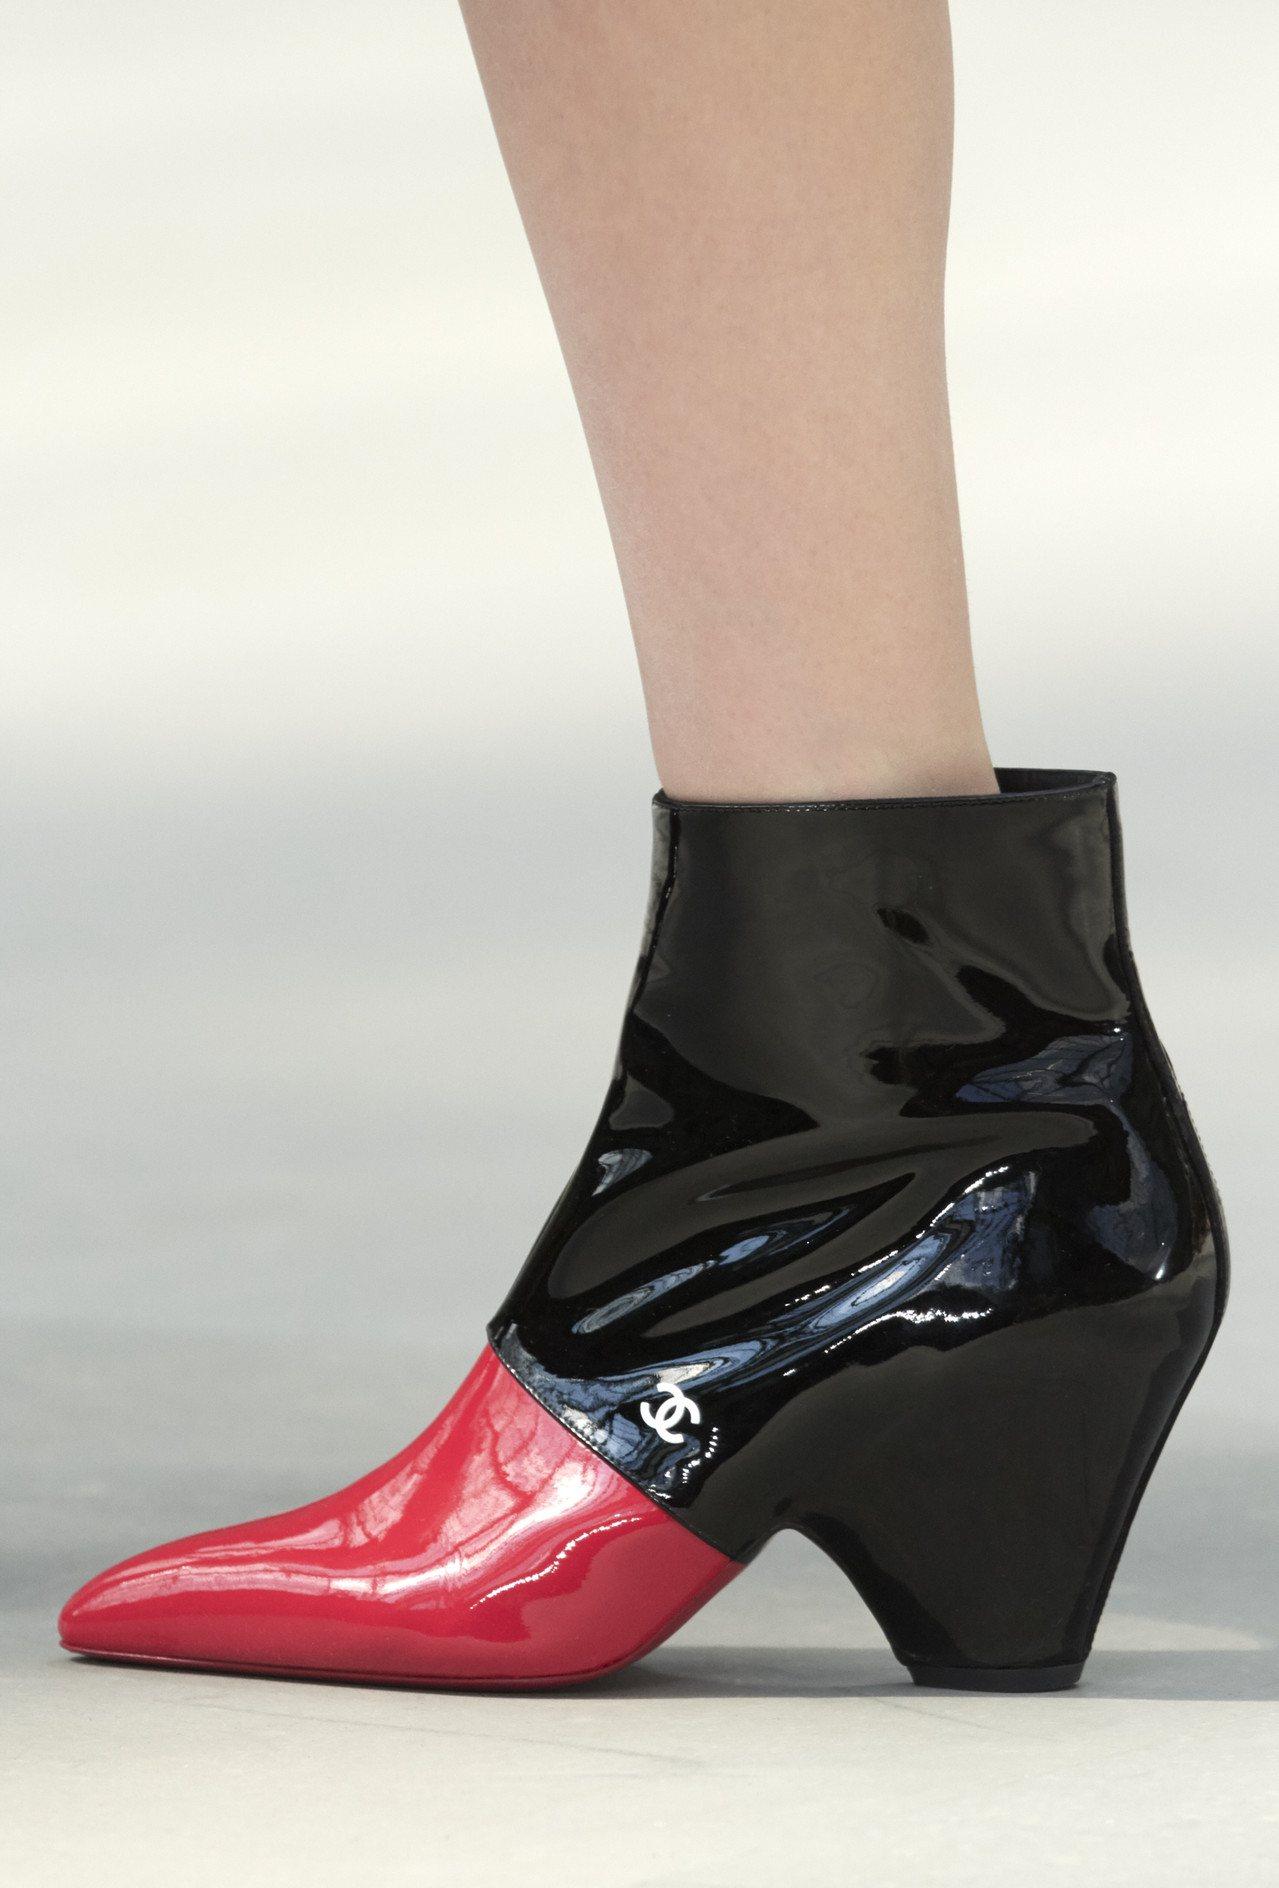 雙色漆皮粗跟短靴。圖/香奈兒提供